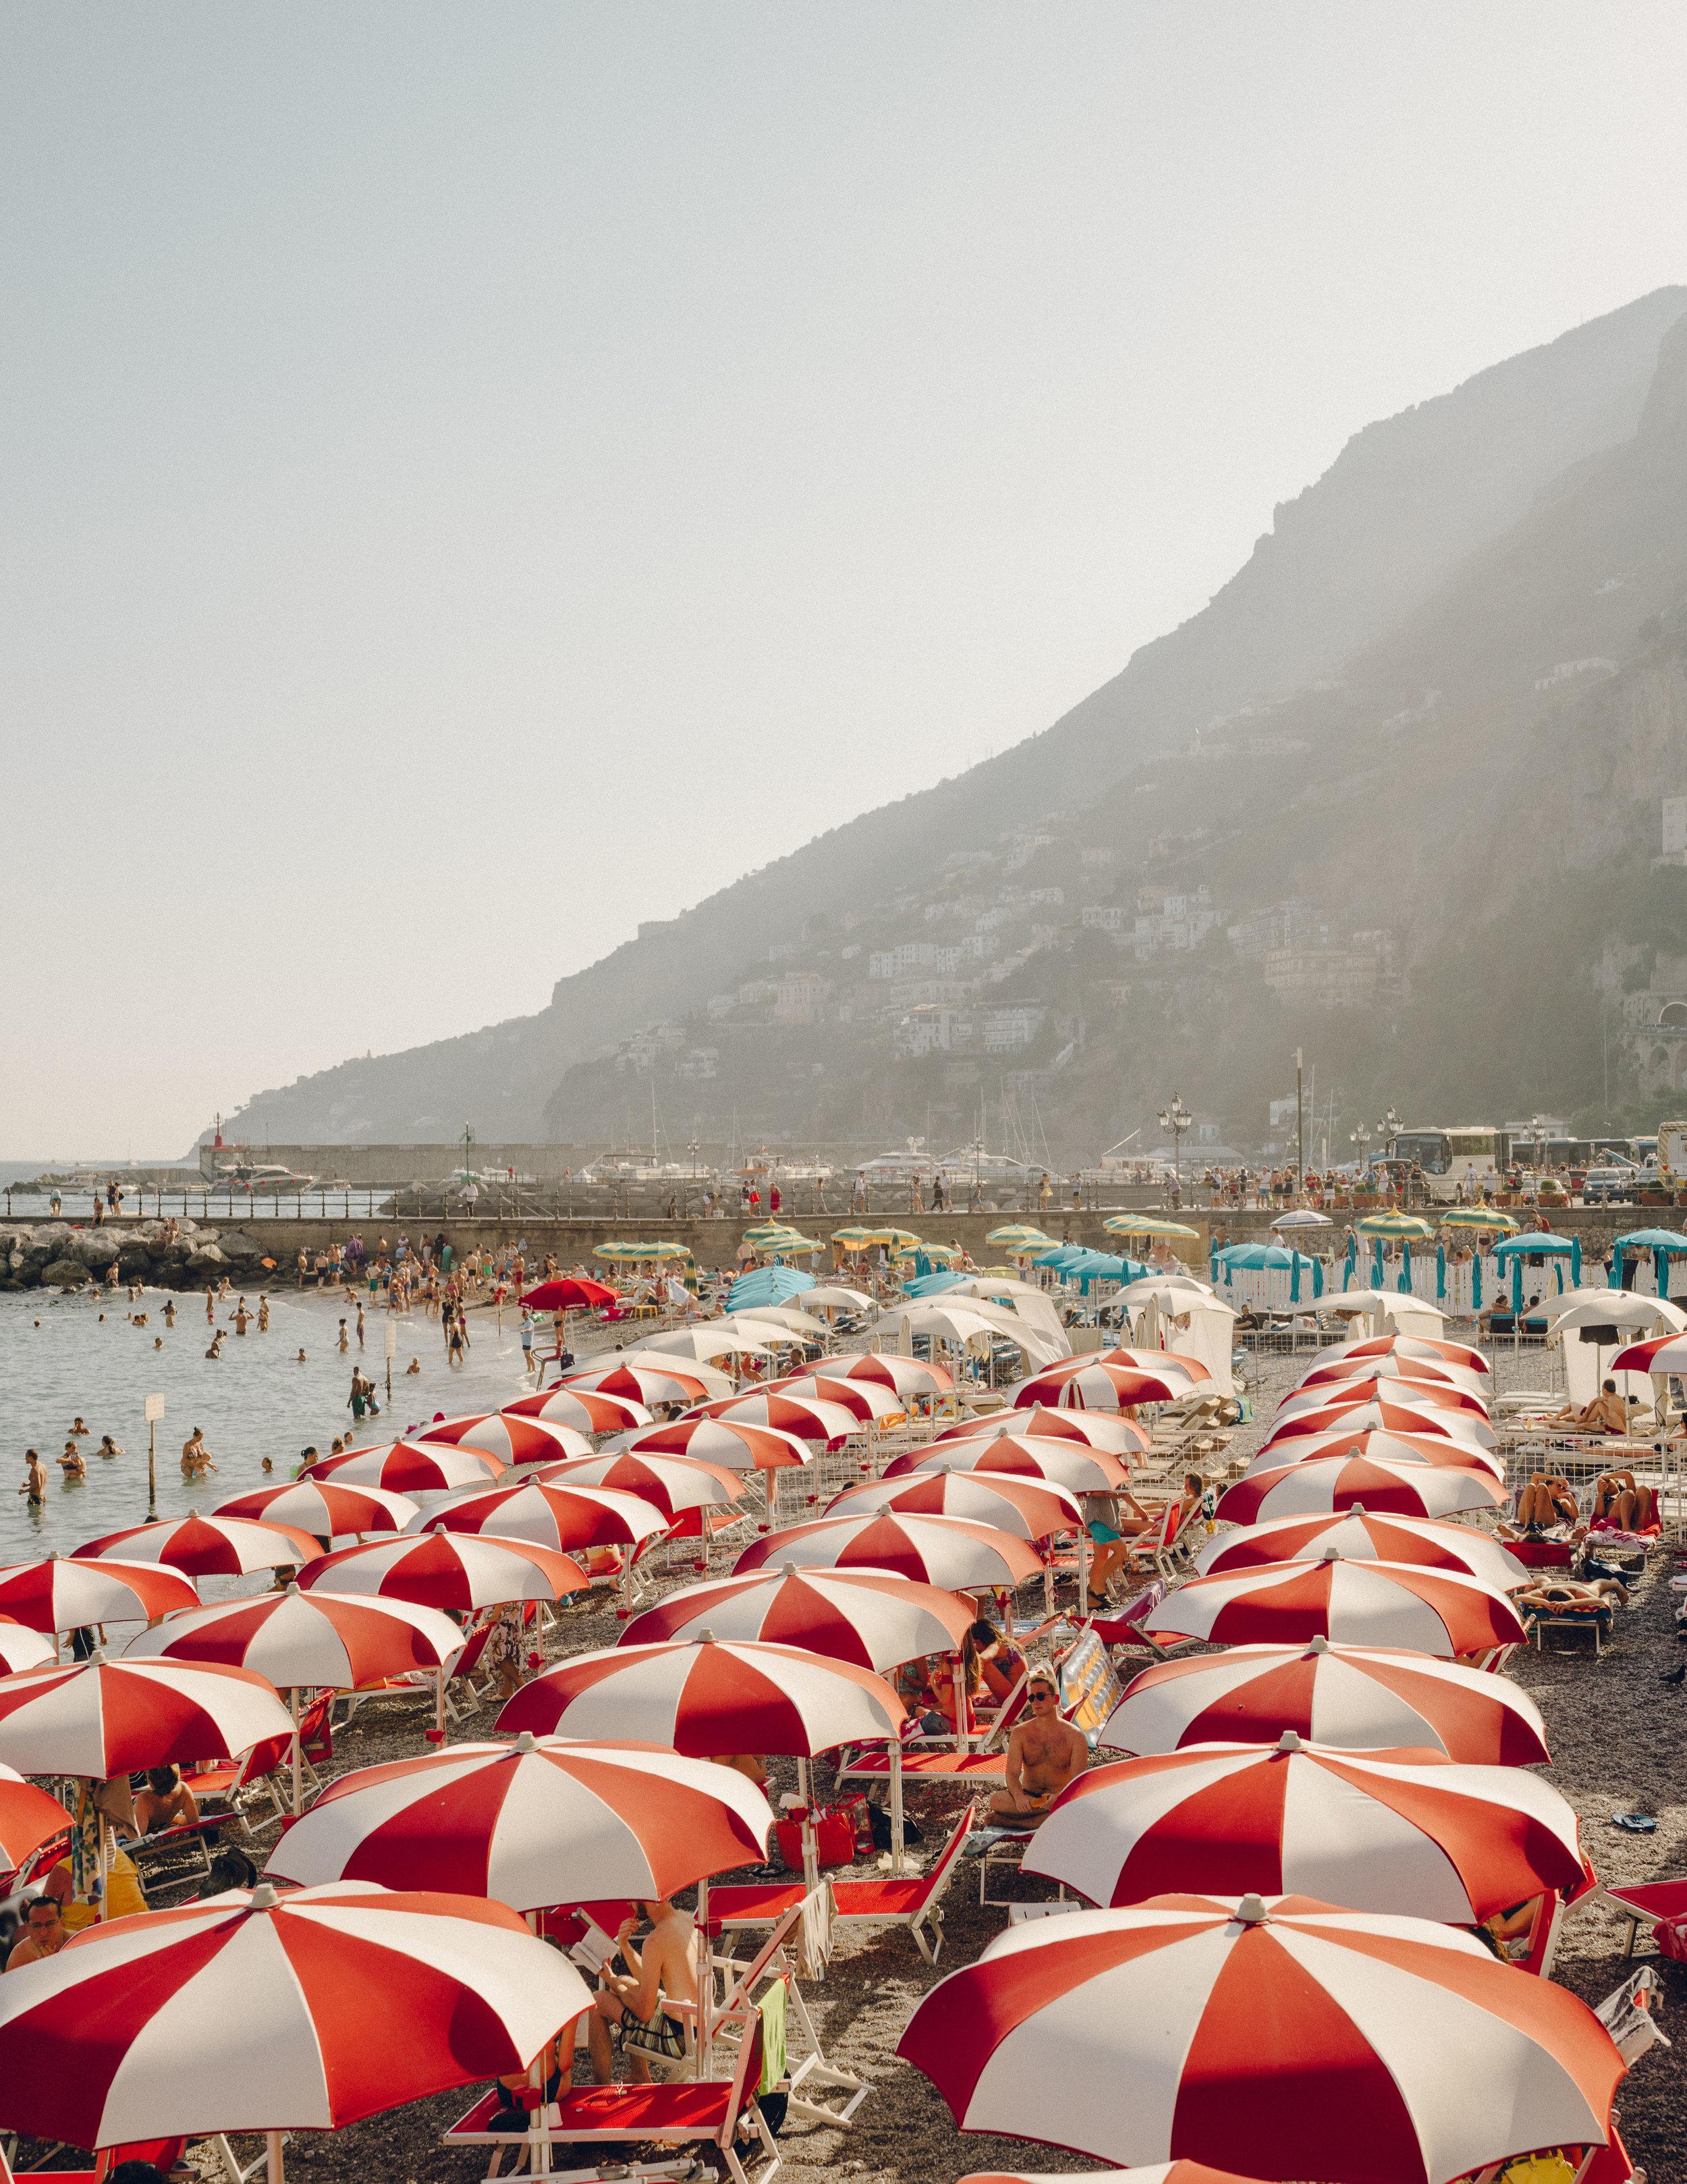 ASROSENVINGE_Roadtrip_Italy_Amalfi-07537.jpg